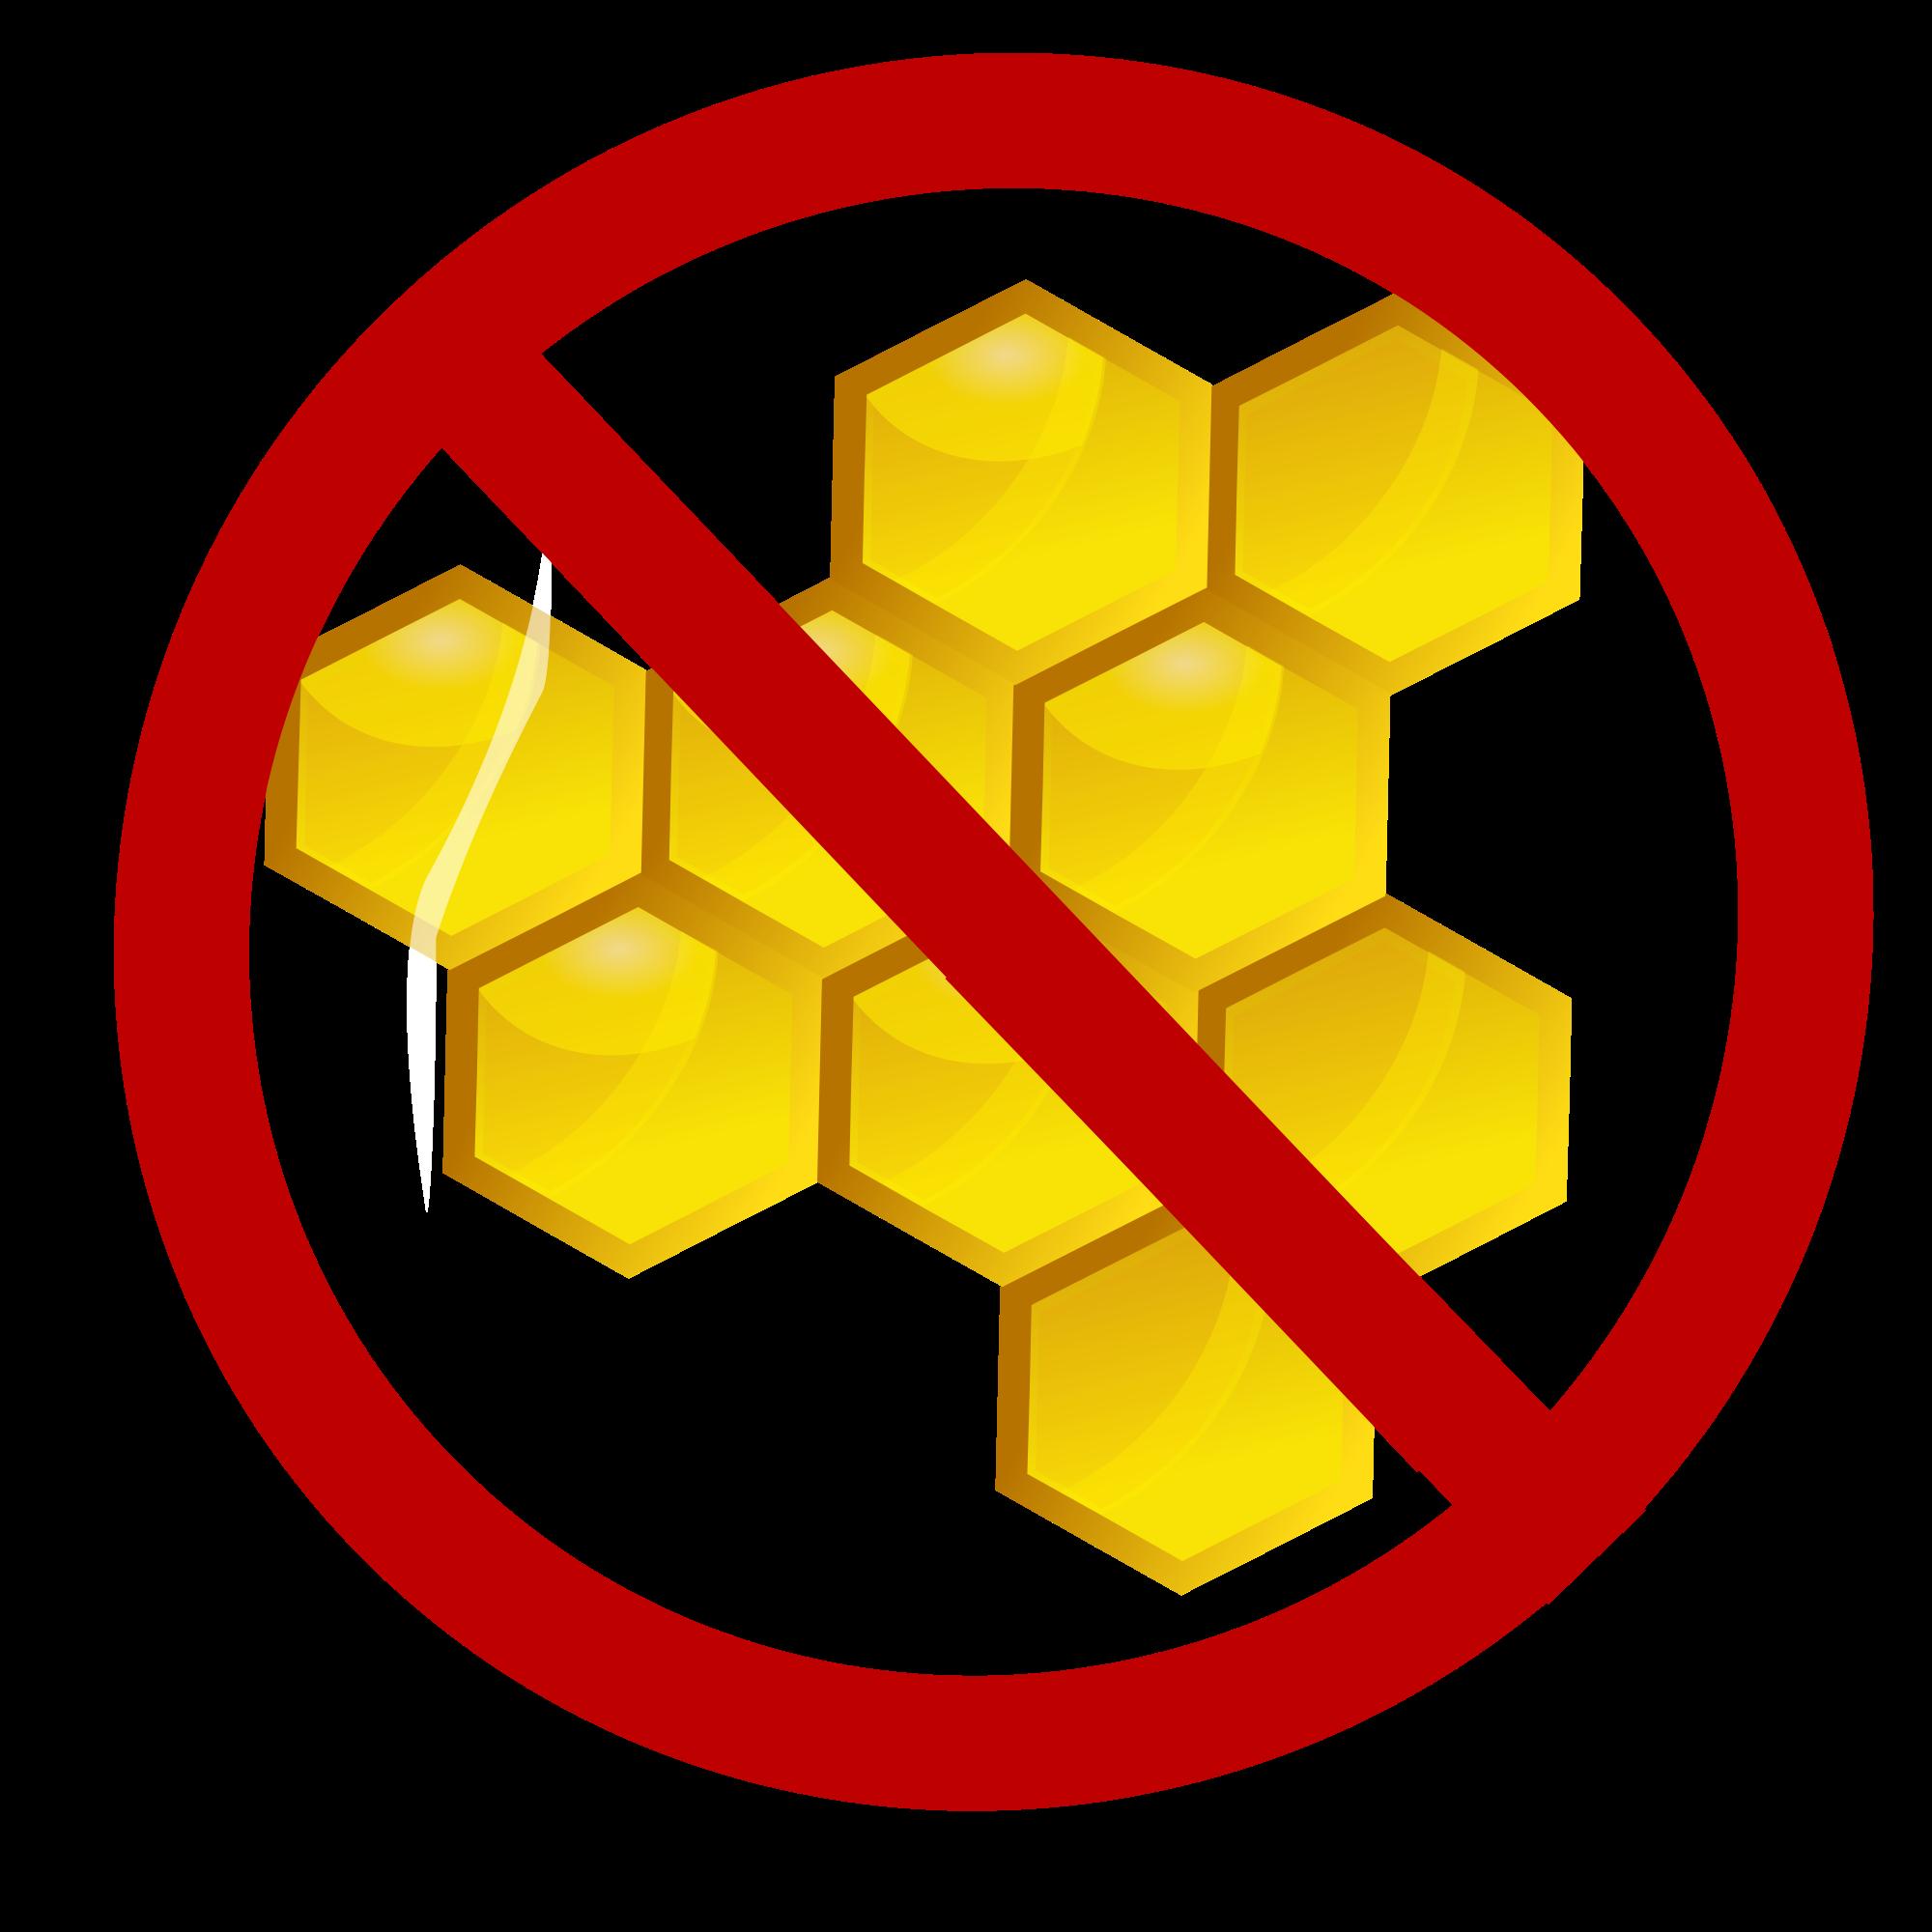 Honey transparent